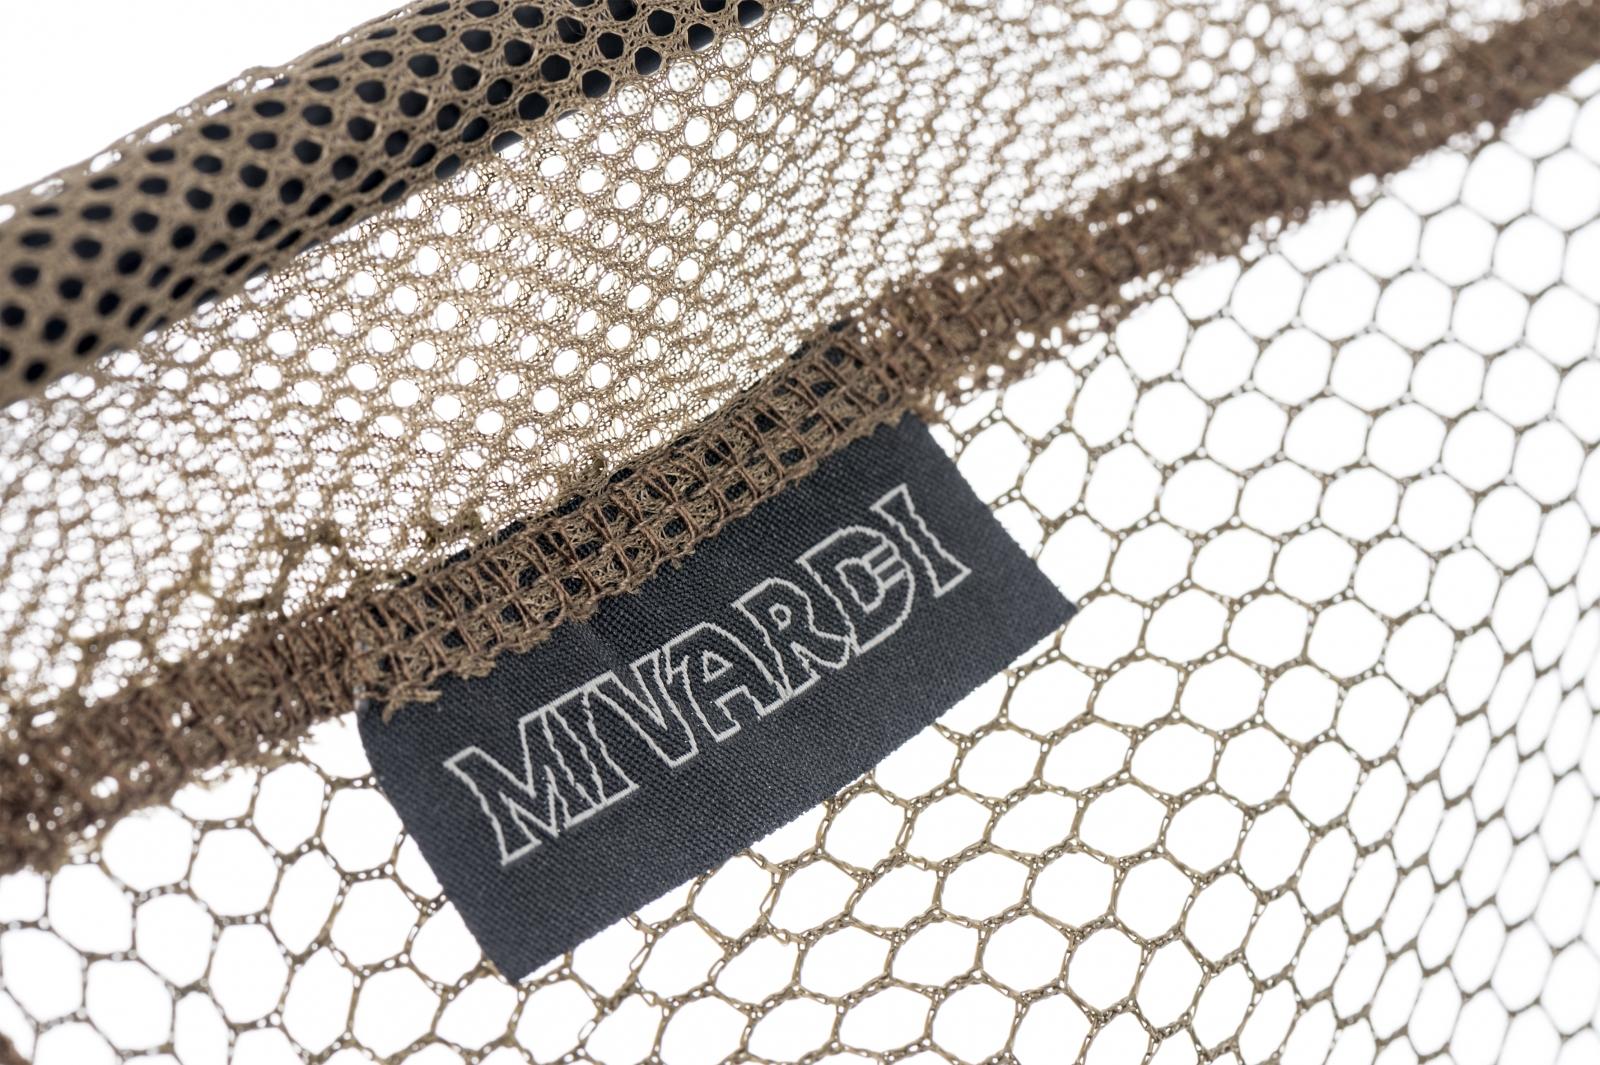 Náhradní síťka pro podběrák Mivardi Executive MK2